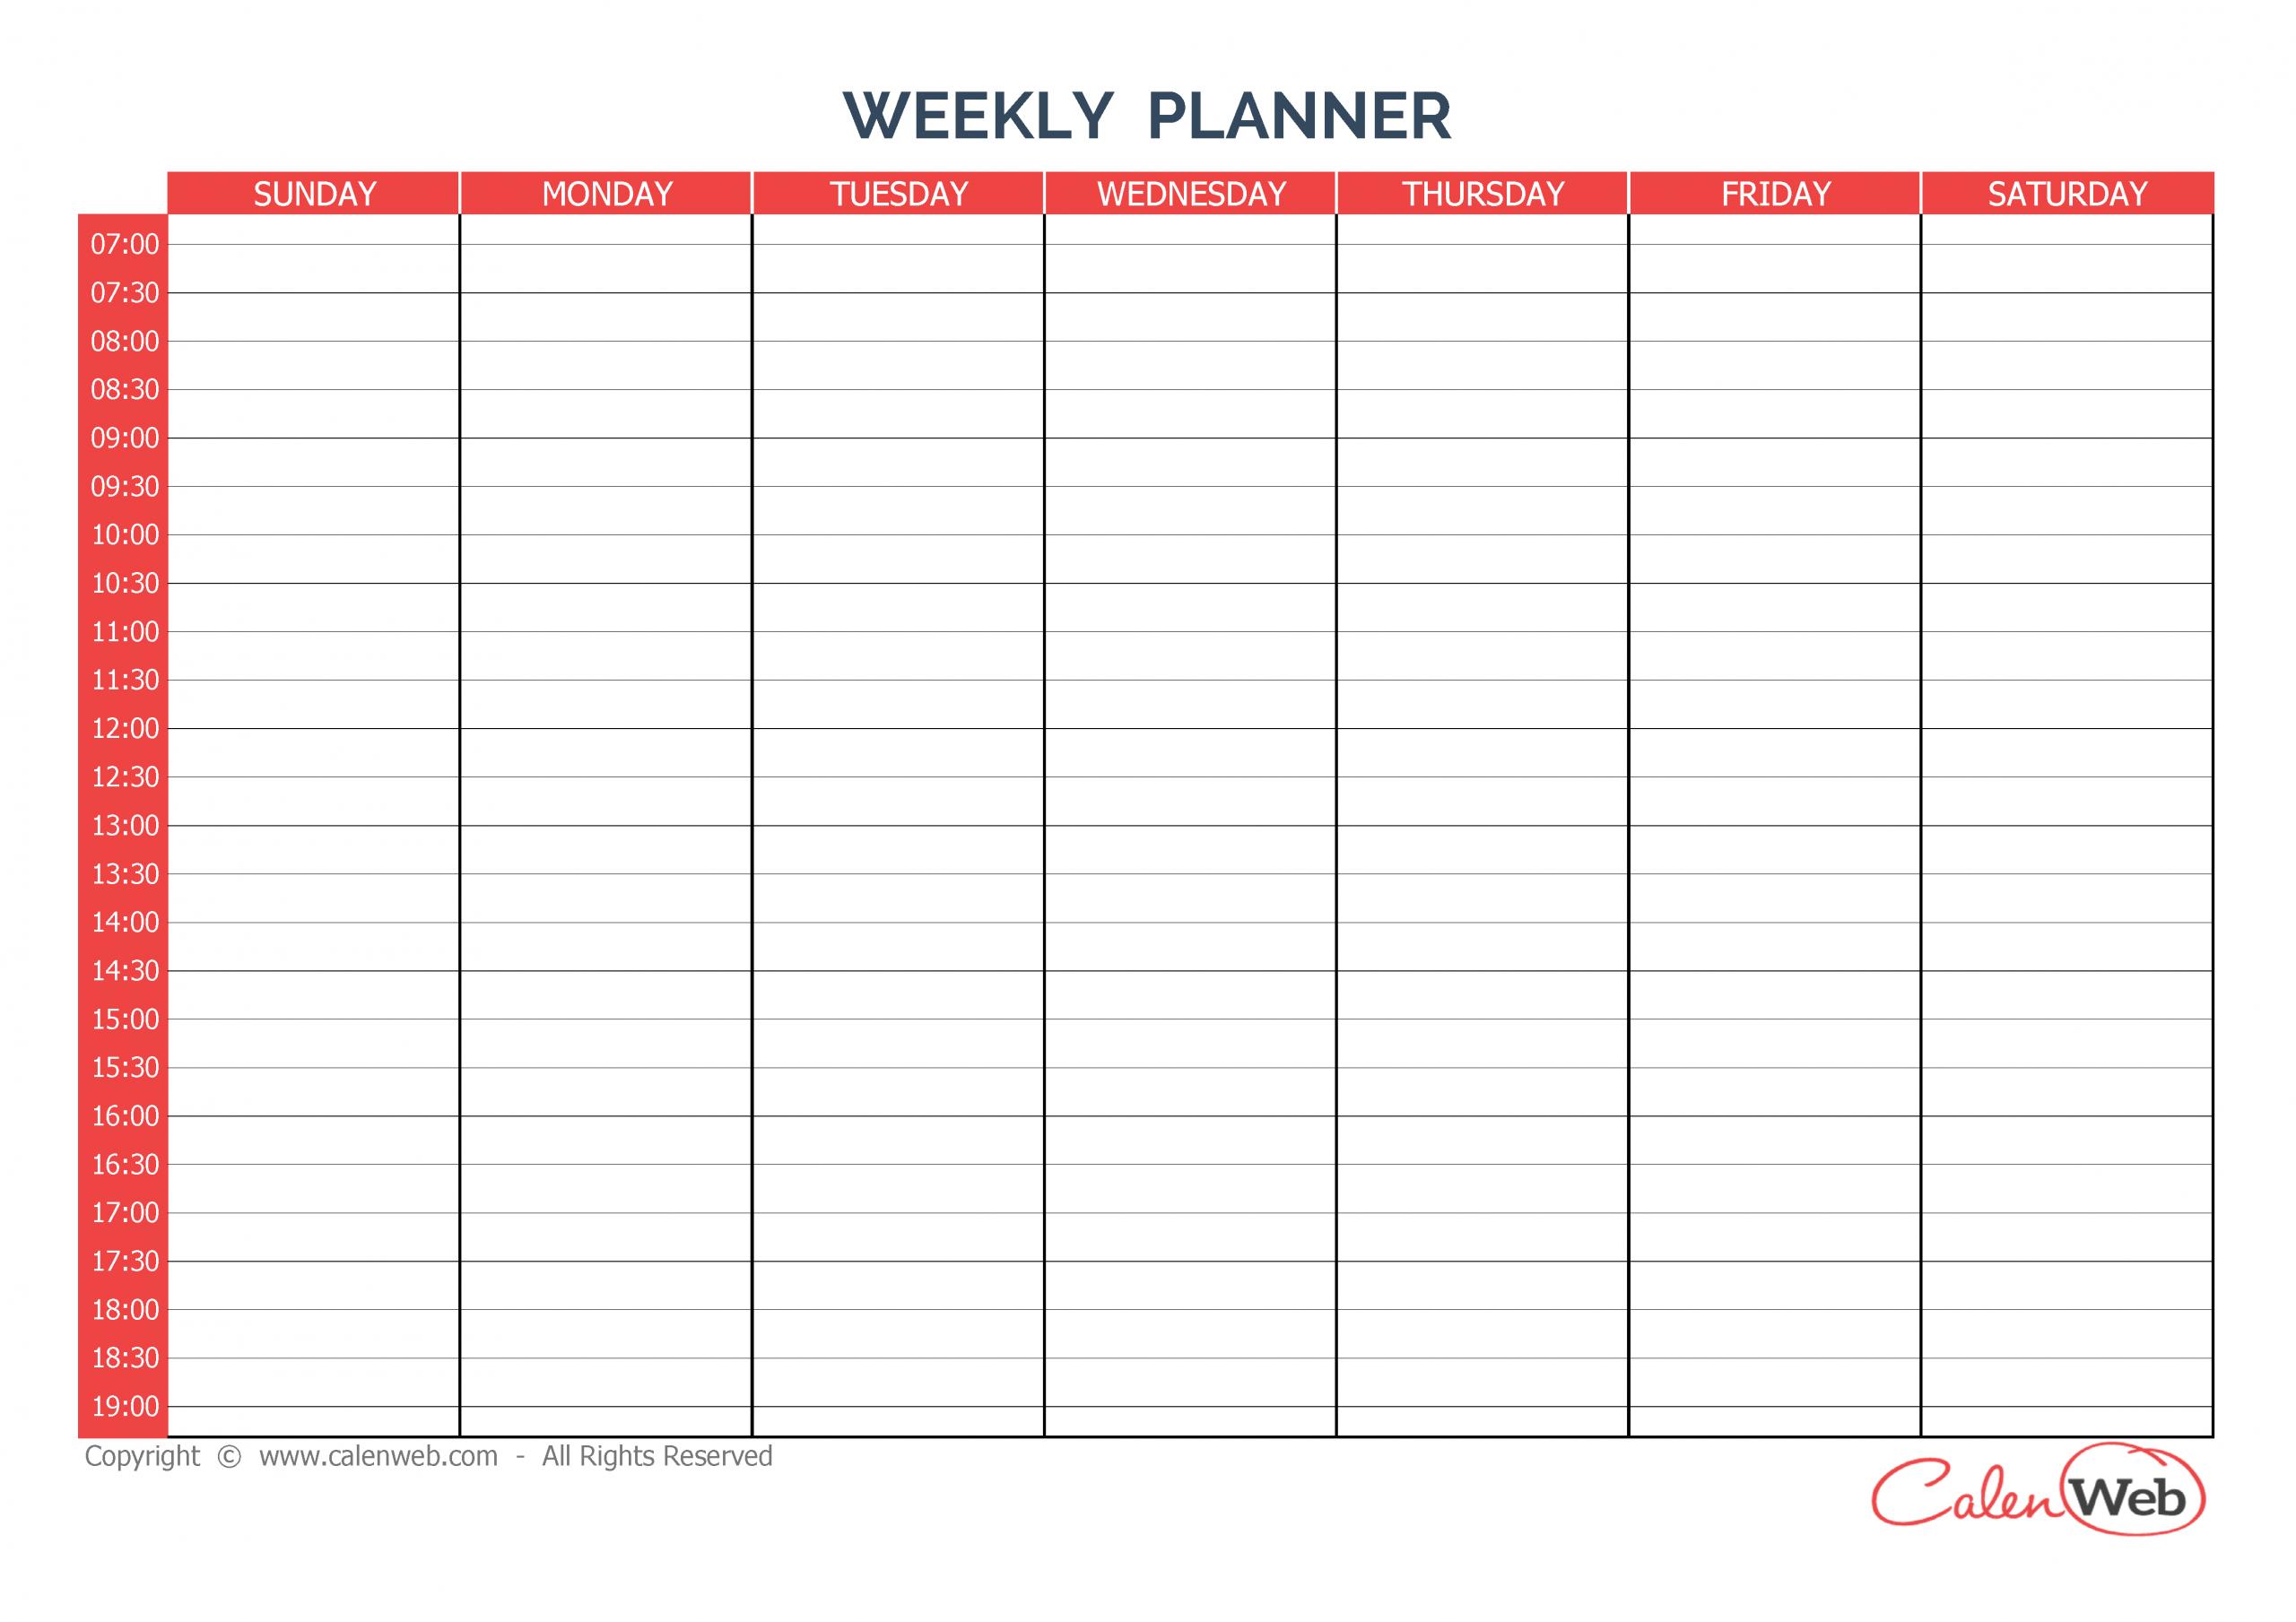 Calendriers Hebdomadaires - Calenweb Free Two Week Planning Calendaar